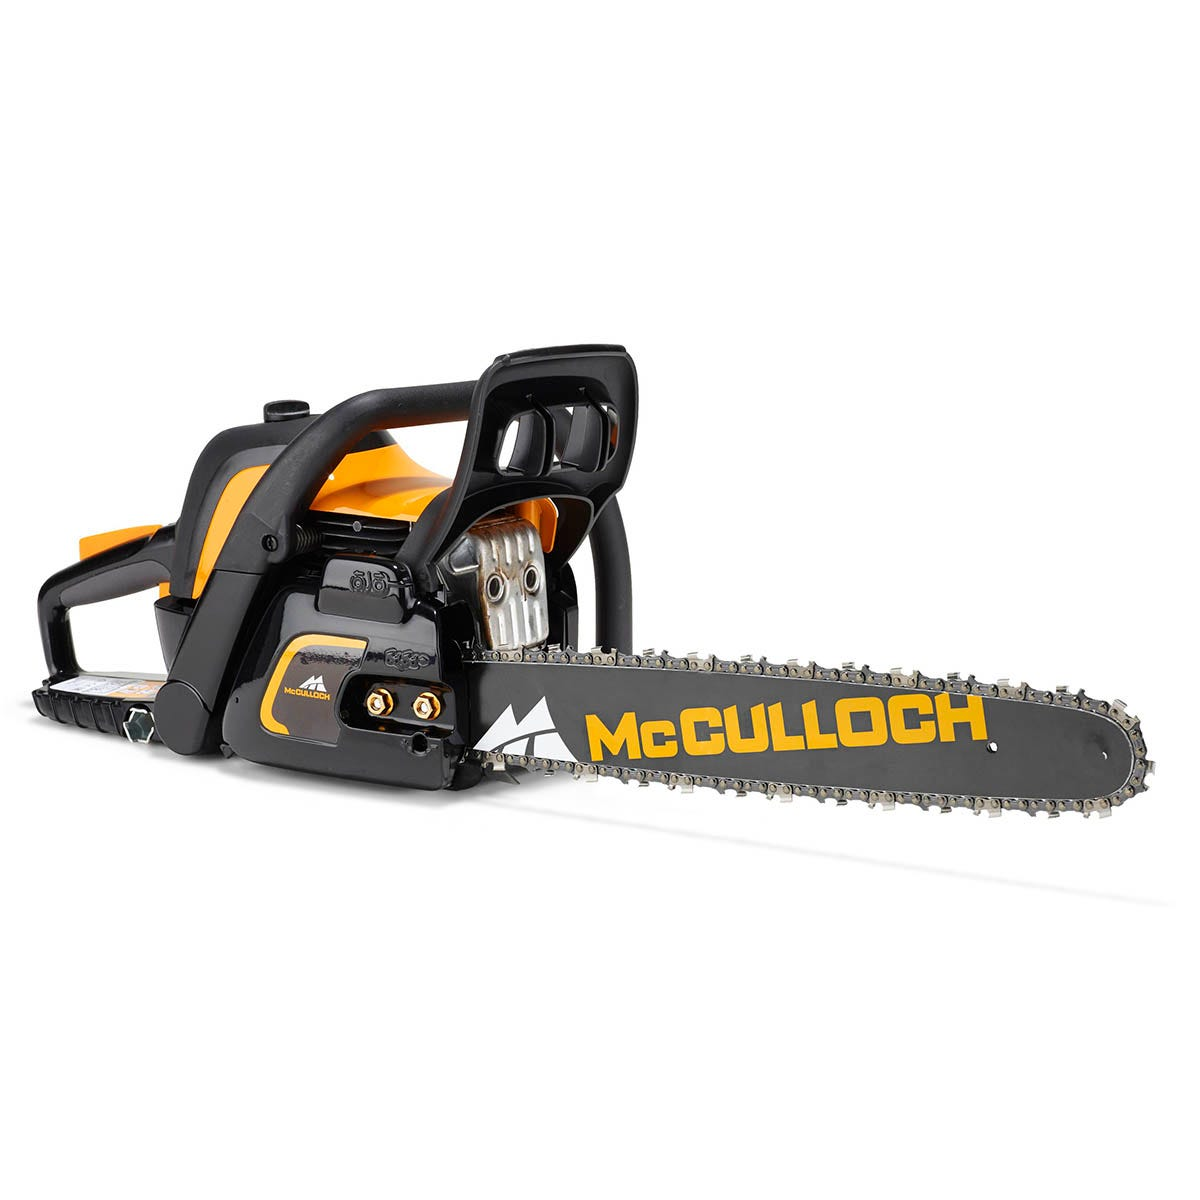 Mcculloch Cs50S Chainsaw|